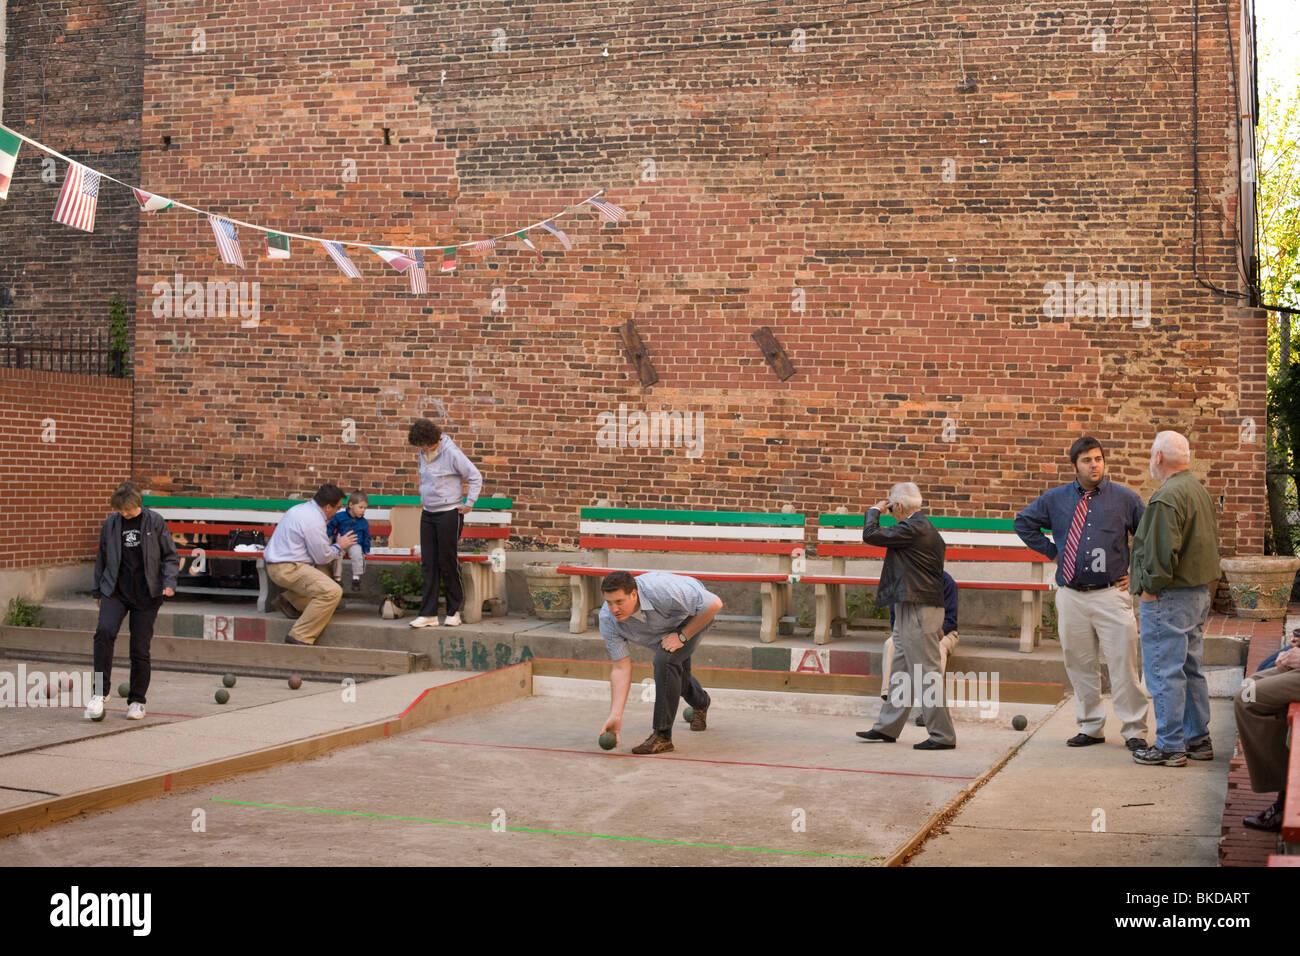 Riproduzione di bocce in Little Italy, Baltimore, Maryland Immagini Stock